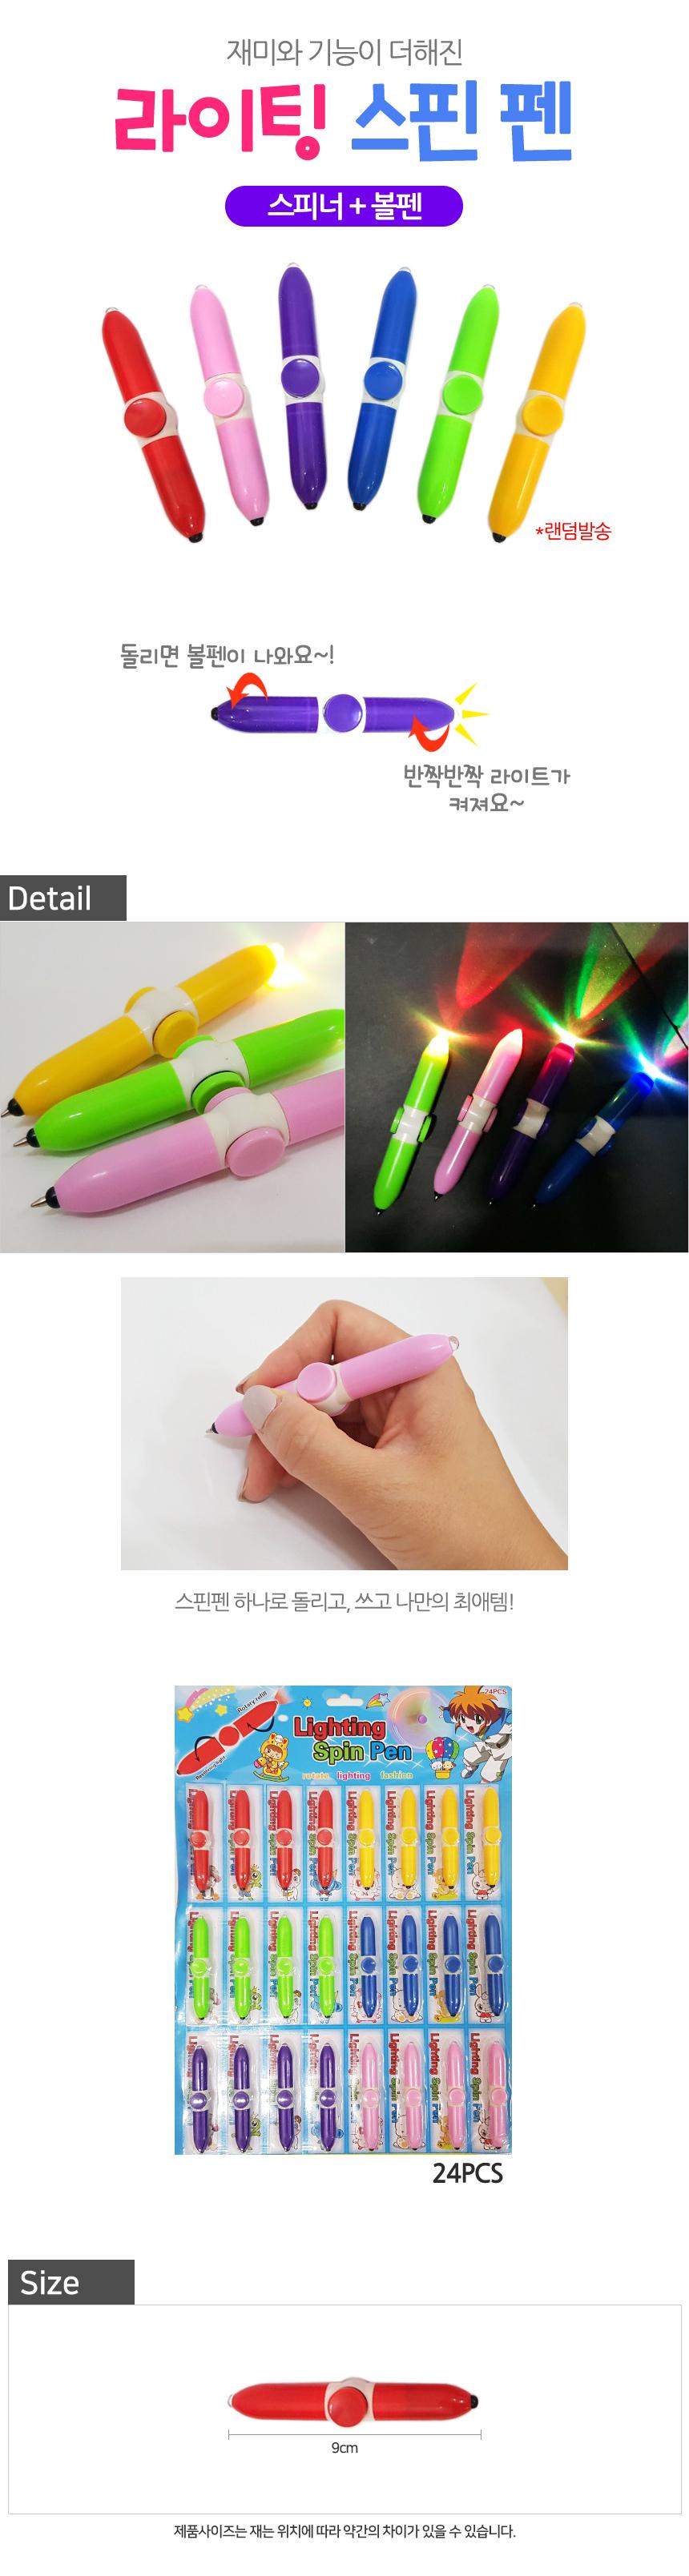 spin_pen.jpg